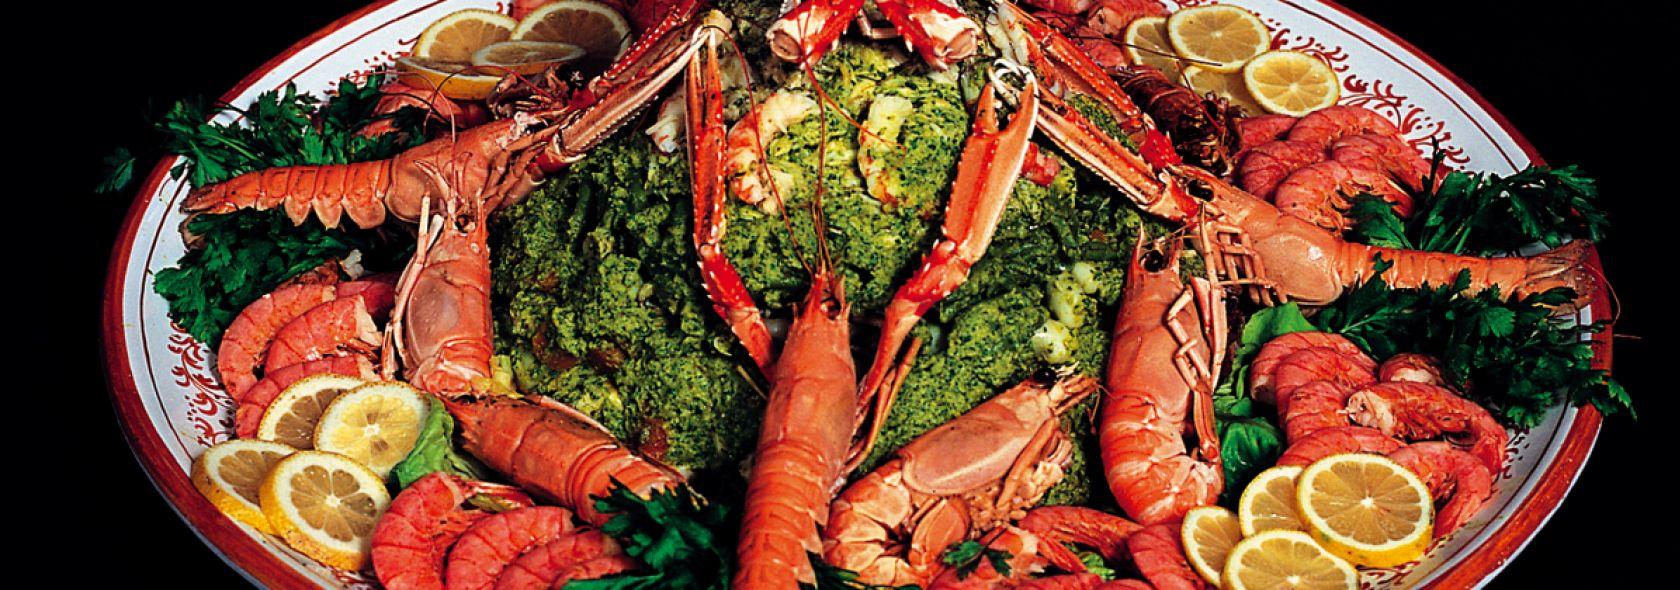 Ricette | Capponmagro - © M&R Comunicazione - Genova